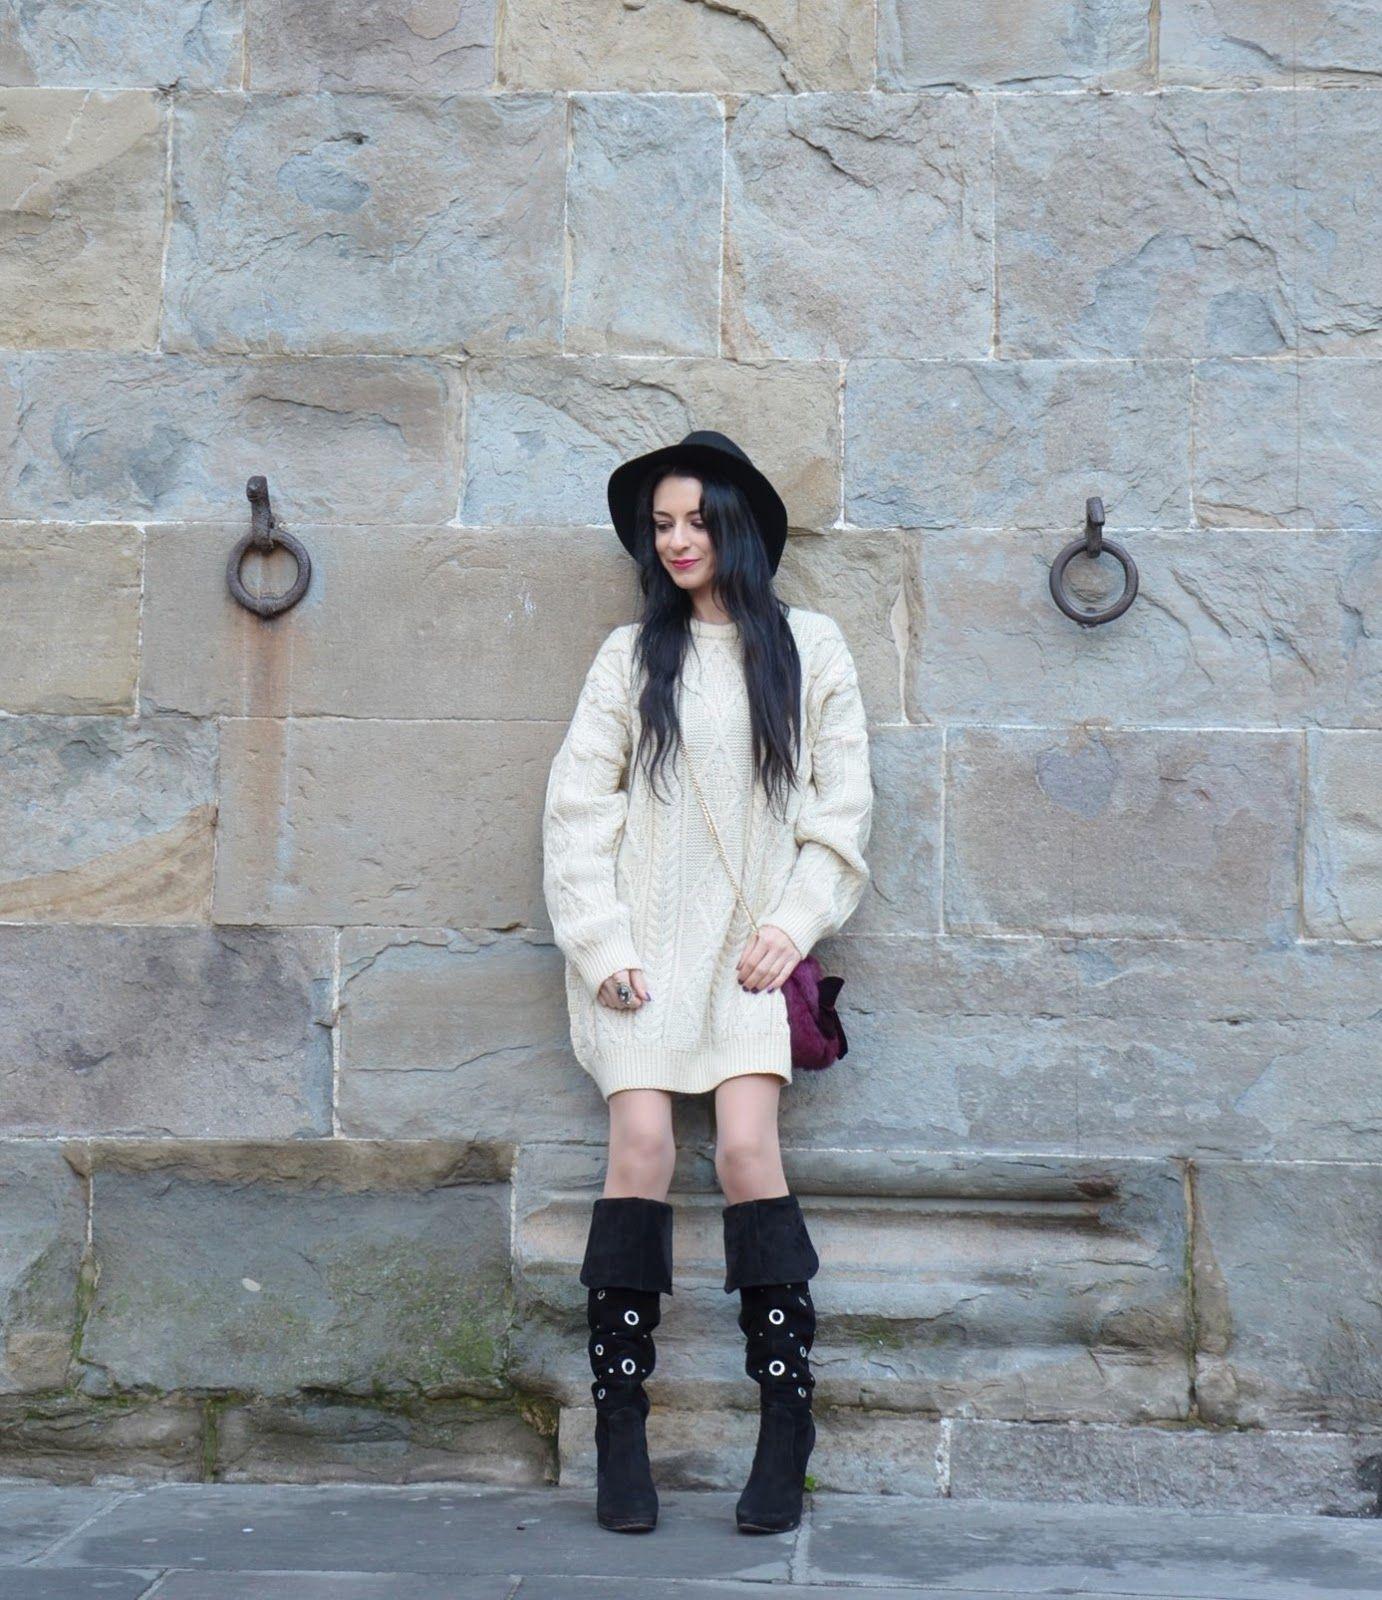 Sophia's fashion diary #fetishpantyhose #pantyhosefetish #legs #boots #blogger #stiletto #pantyhose #collant #tan